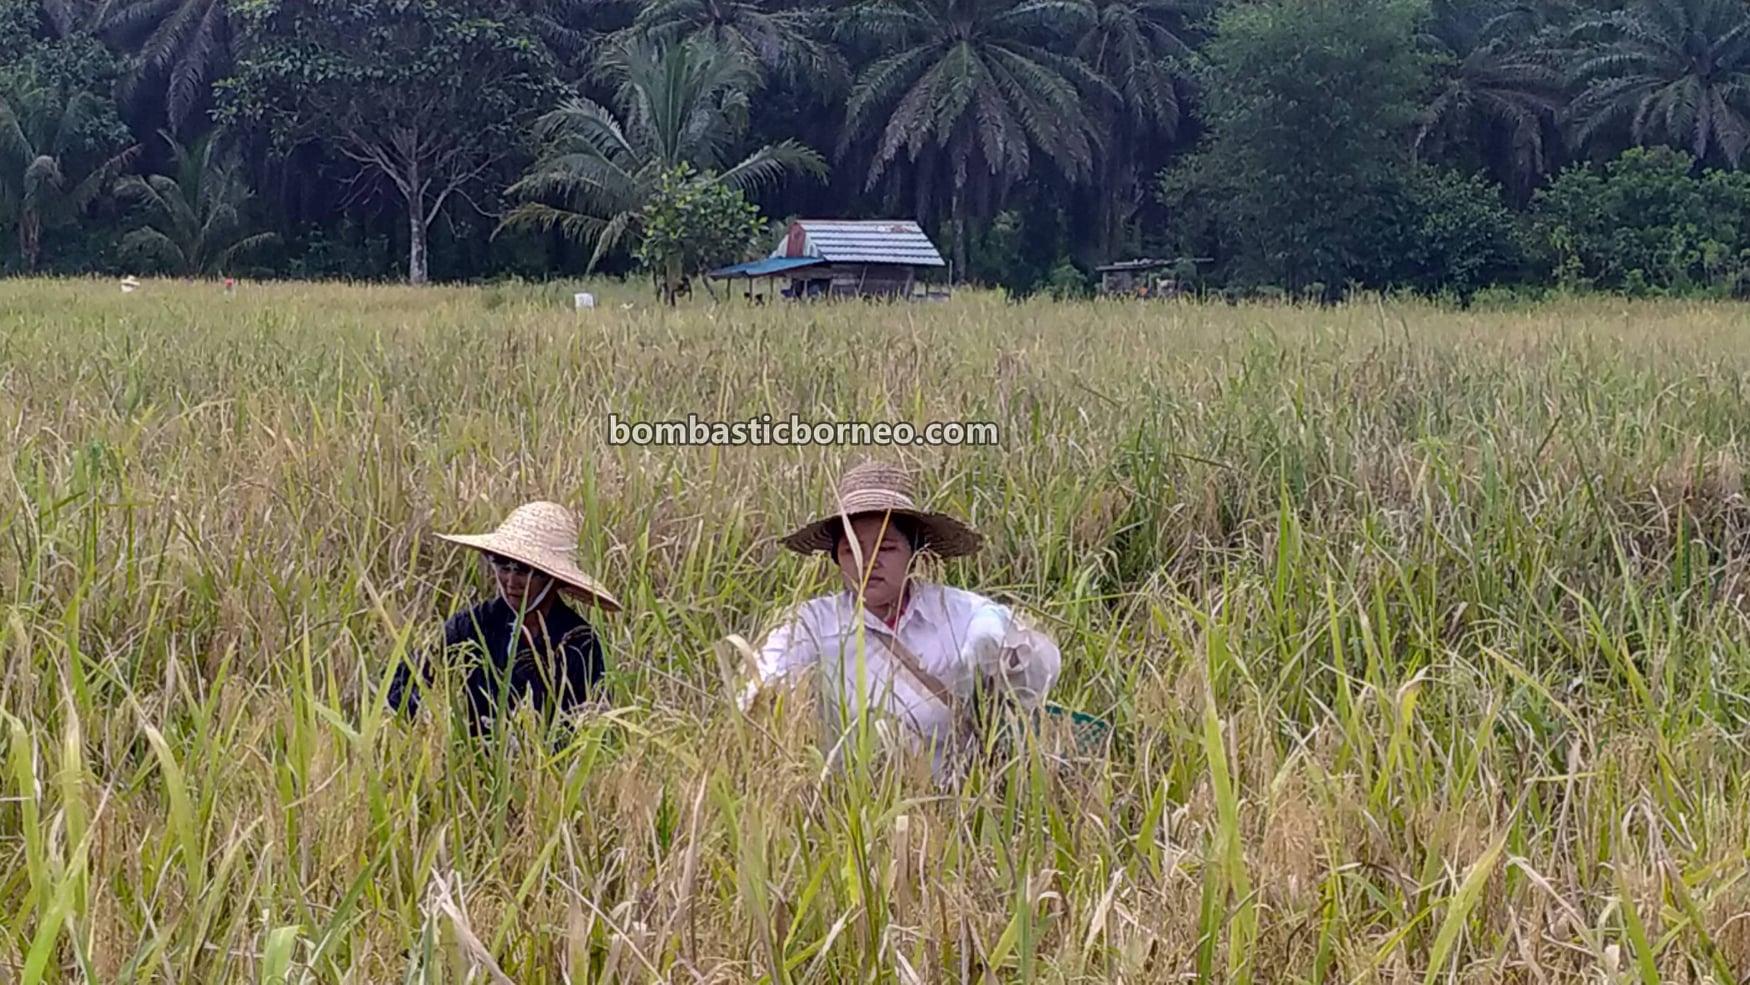 Kampung Bunan Gega, Paddy Farming, Paddy field, Paddy harvesting, Sawah Padi, Dayak Bidayuh, authentic, traditional, culture, destination, exploration, Serian, Sarawak, Tourism, travel local,